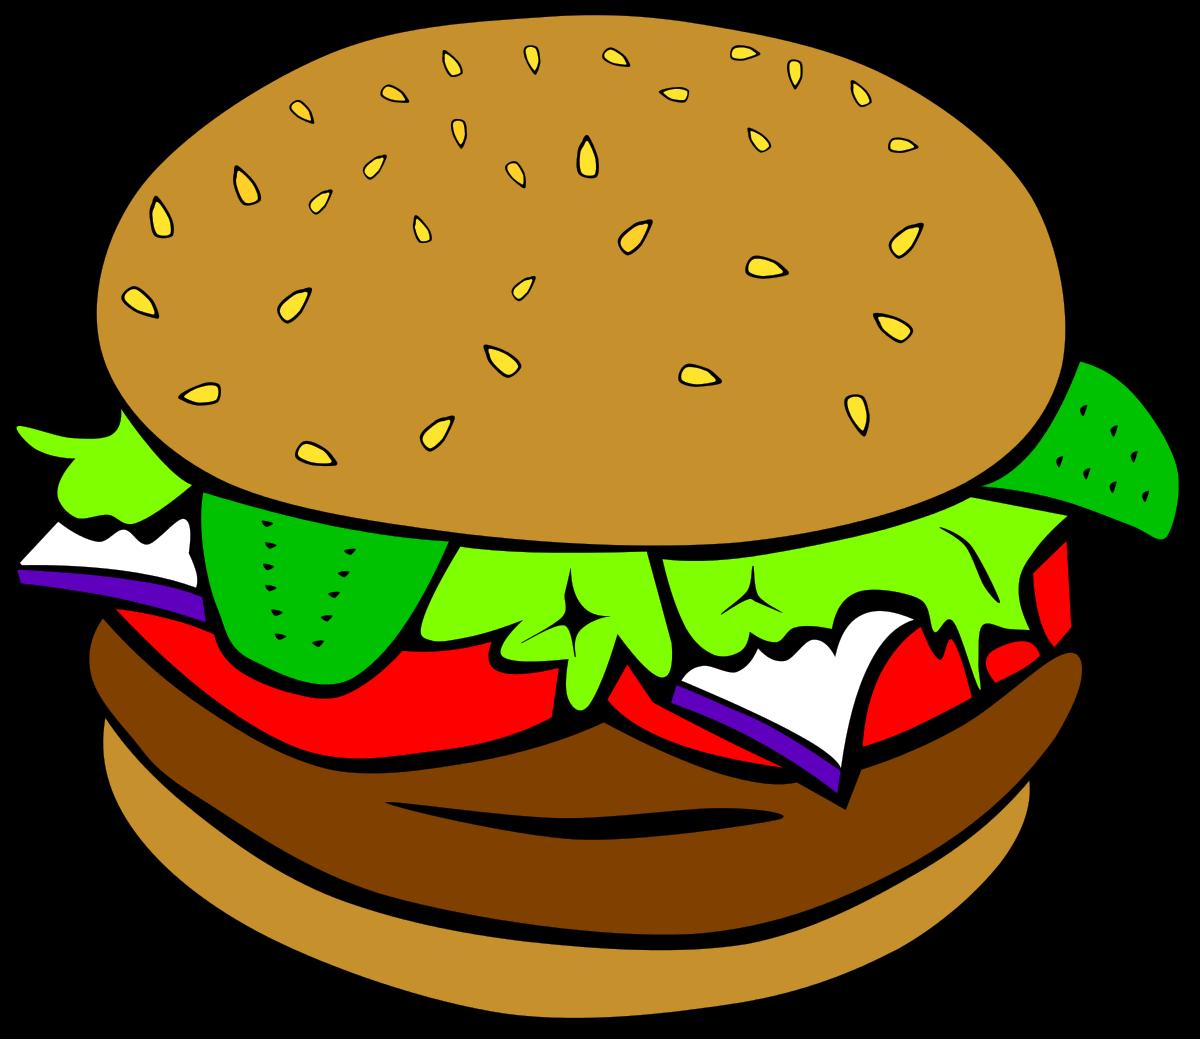 Cheese Sandwich Clipart